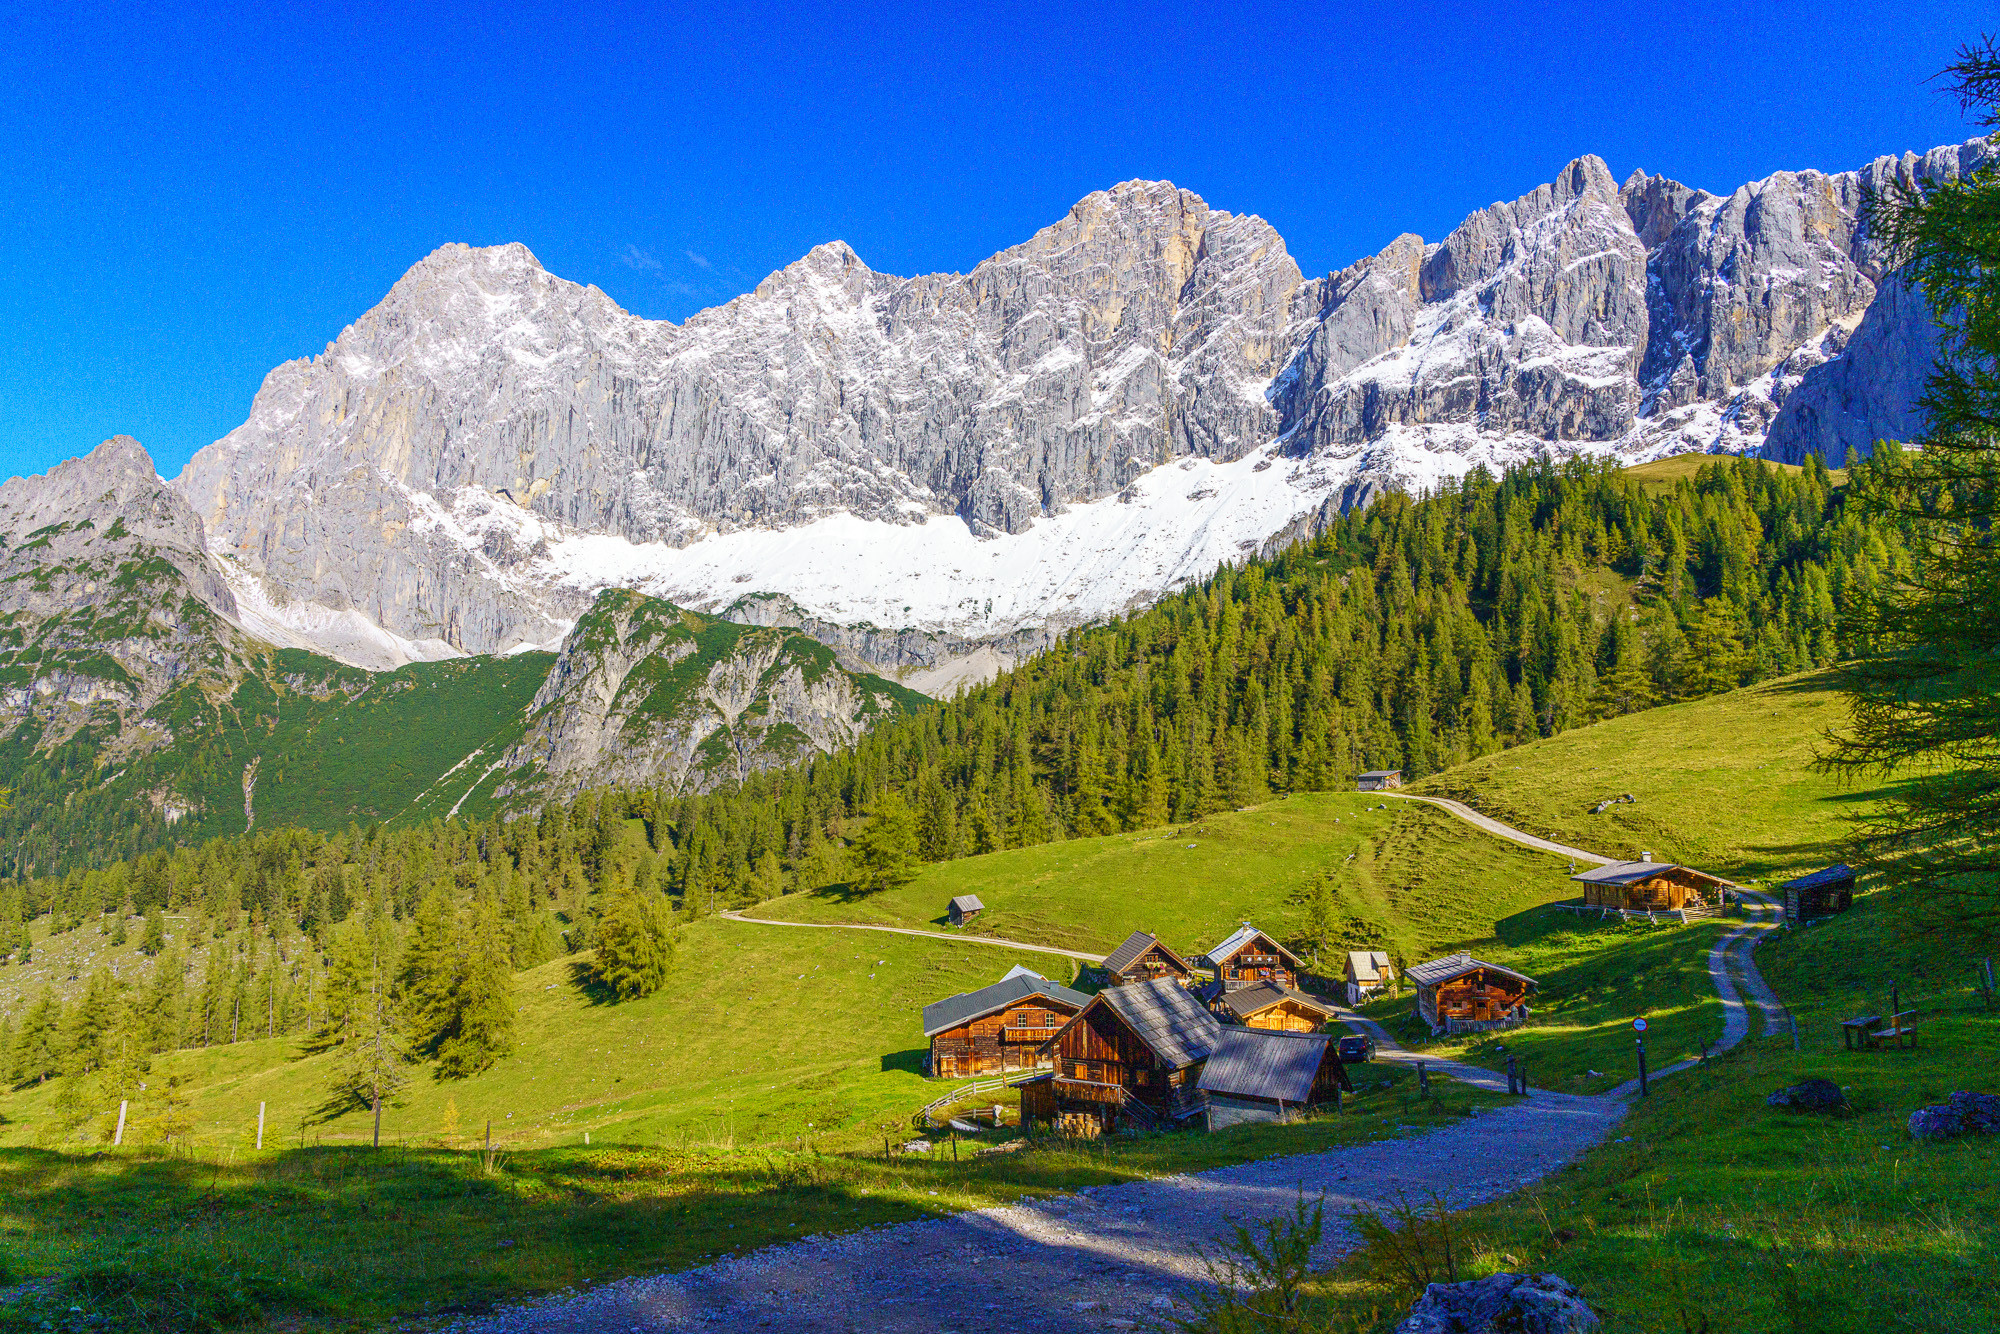 De Veelzijdige Dachstein